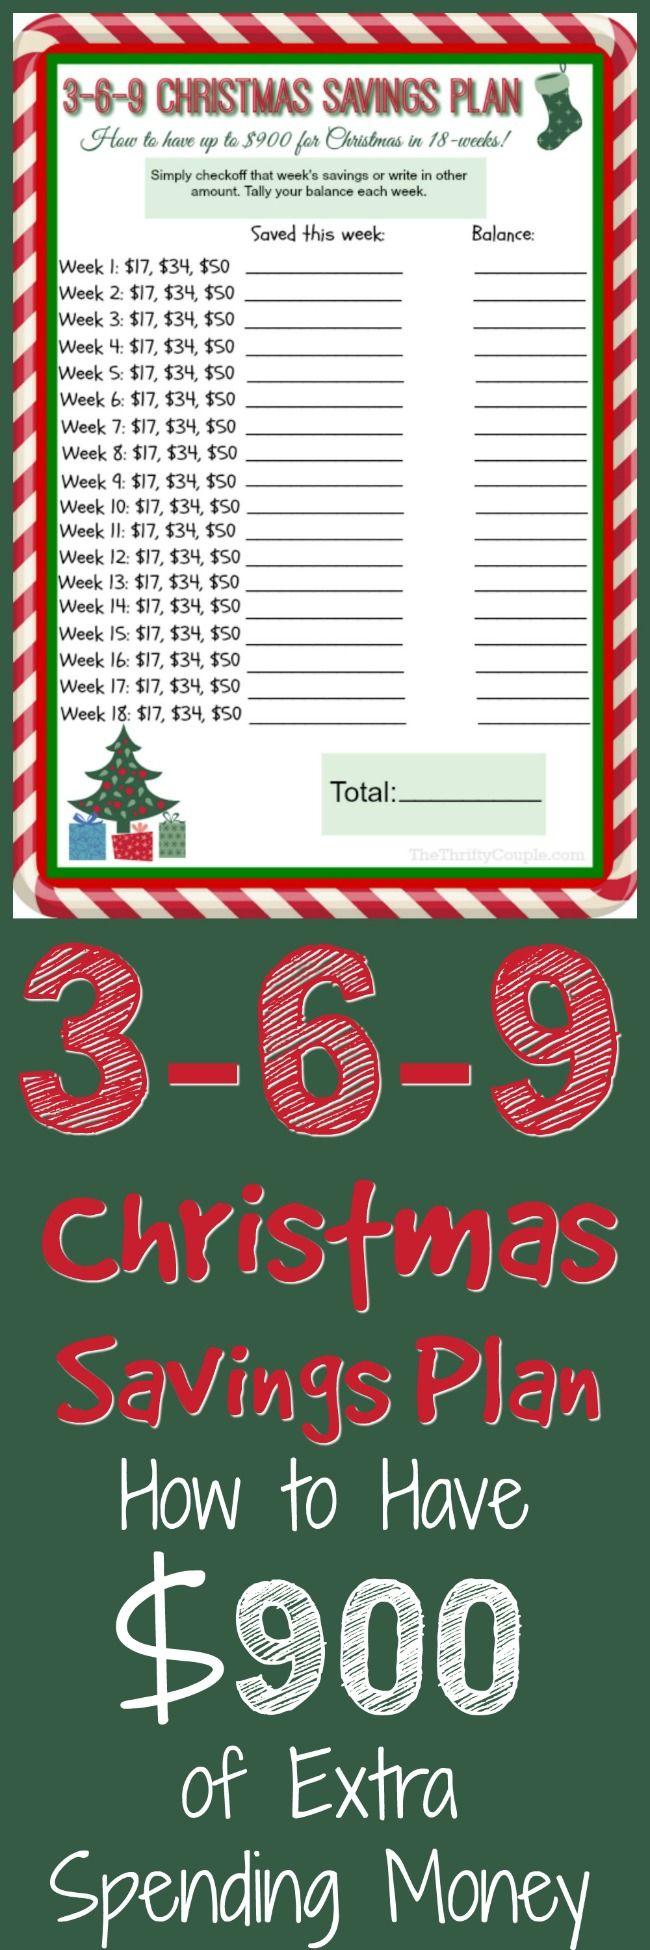 3-6-9 Debt-Free Christmas Savings Plan with FREE Printable: How To Bank $900 Extra For Christmas